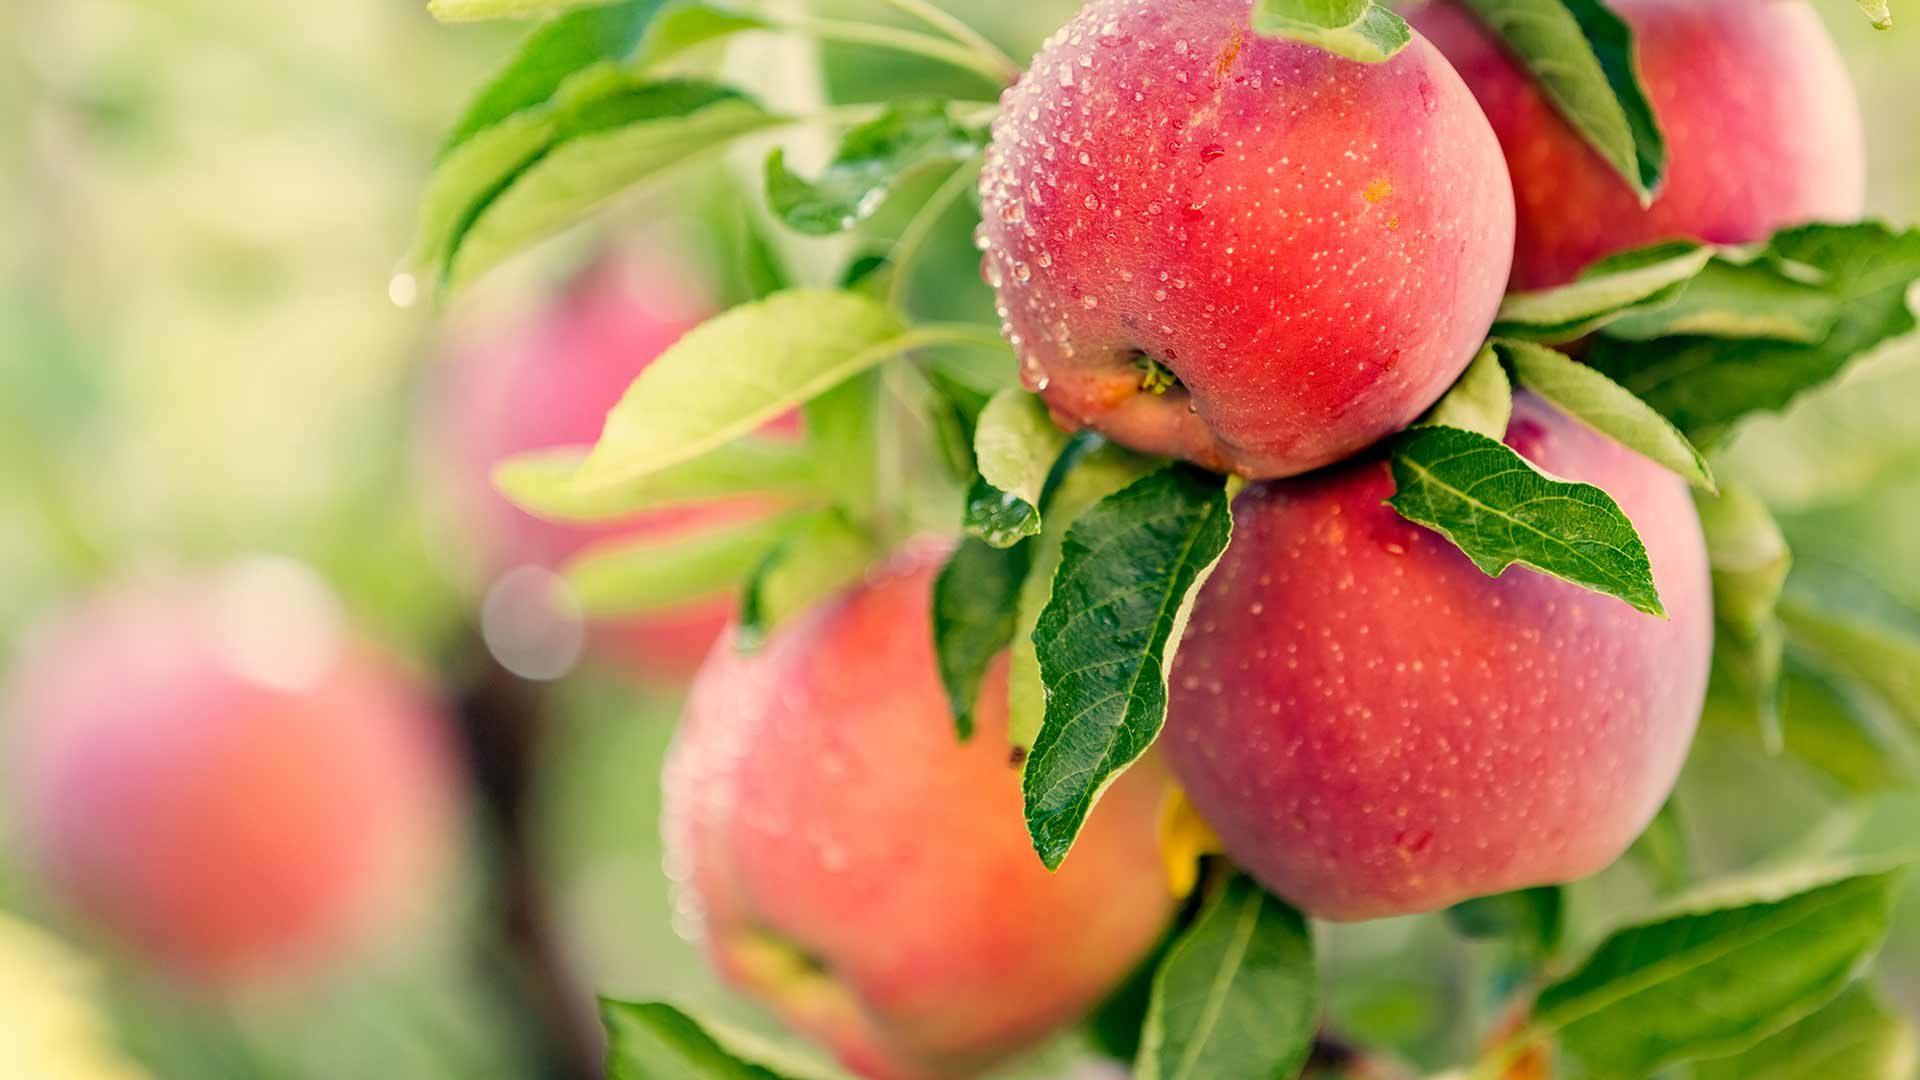 Le mele: escursione guidata con degustazione